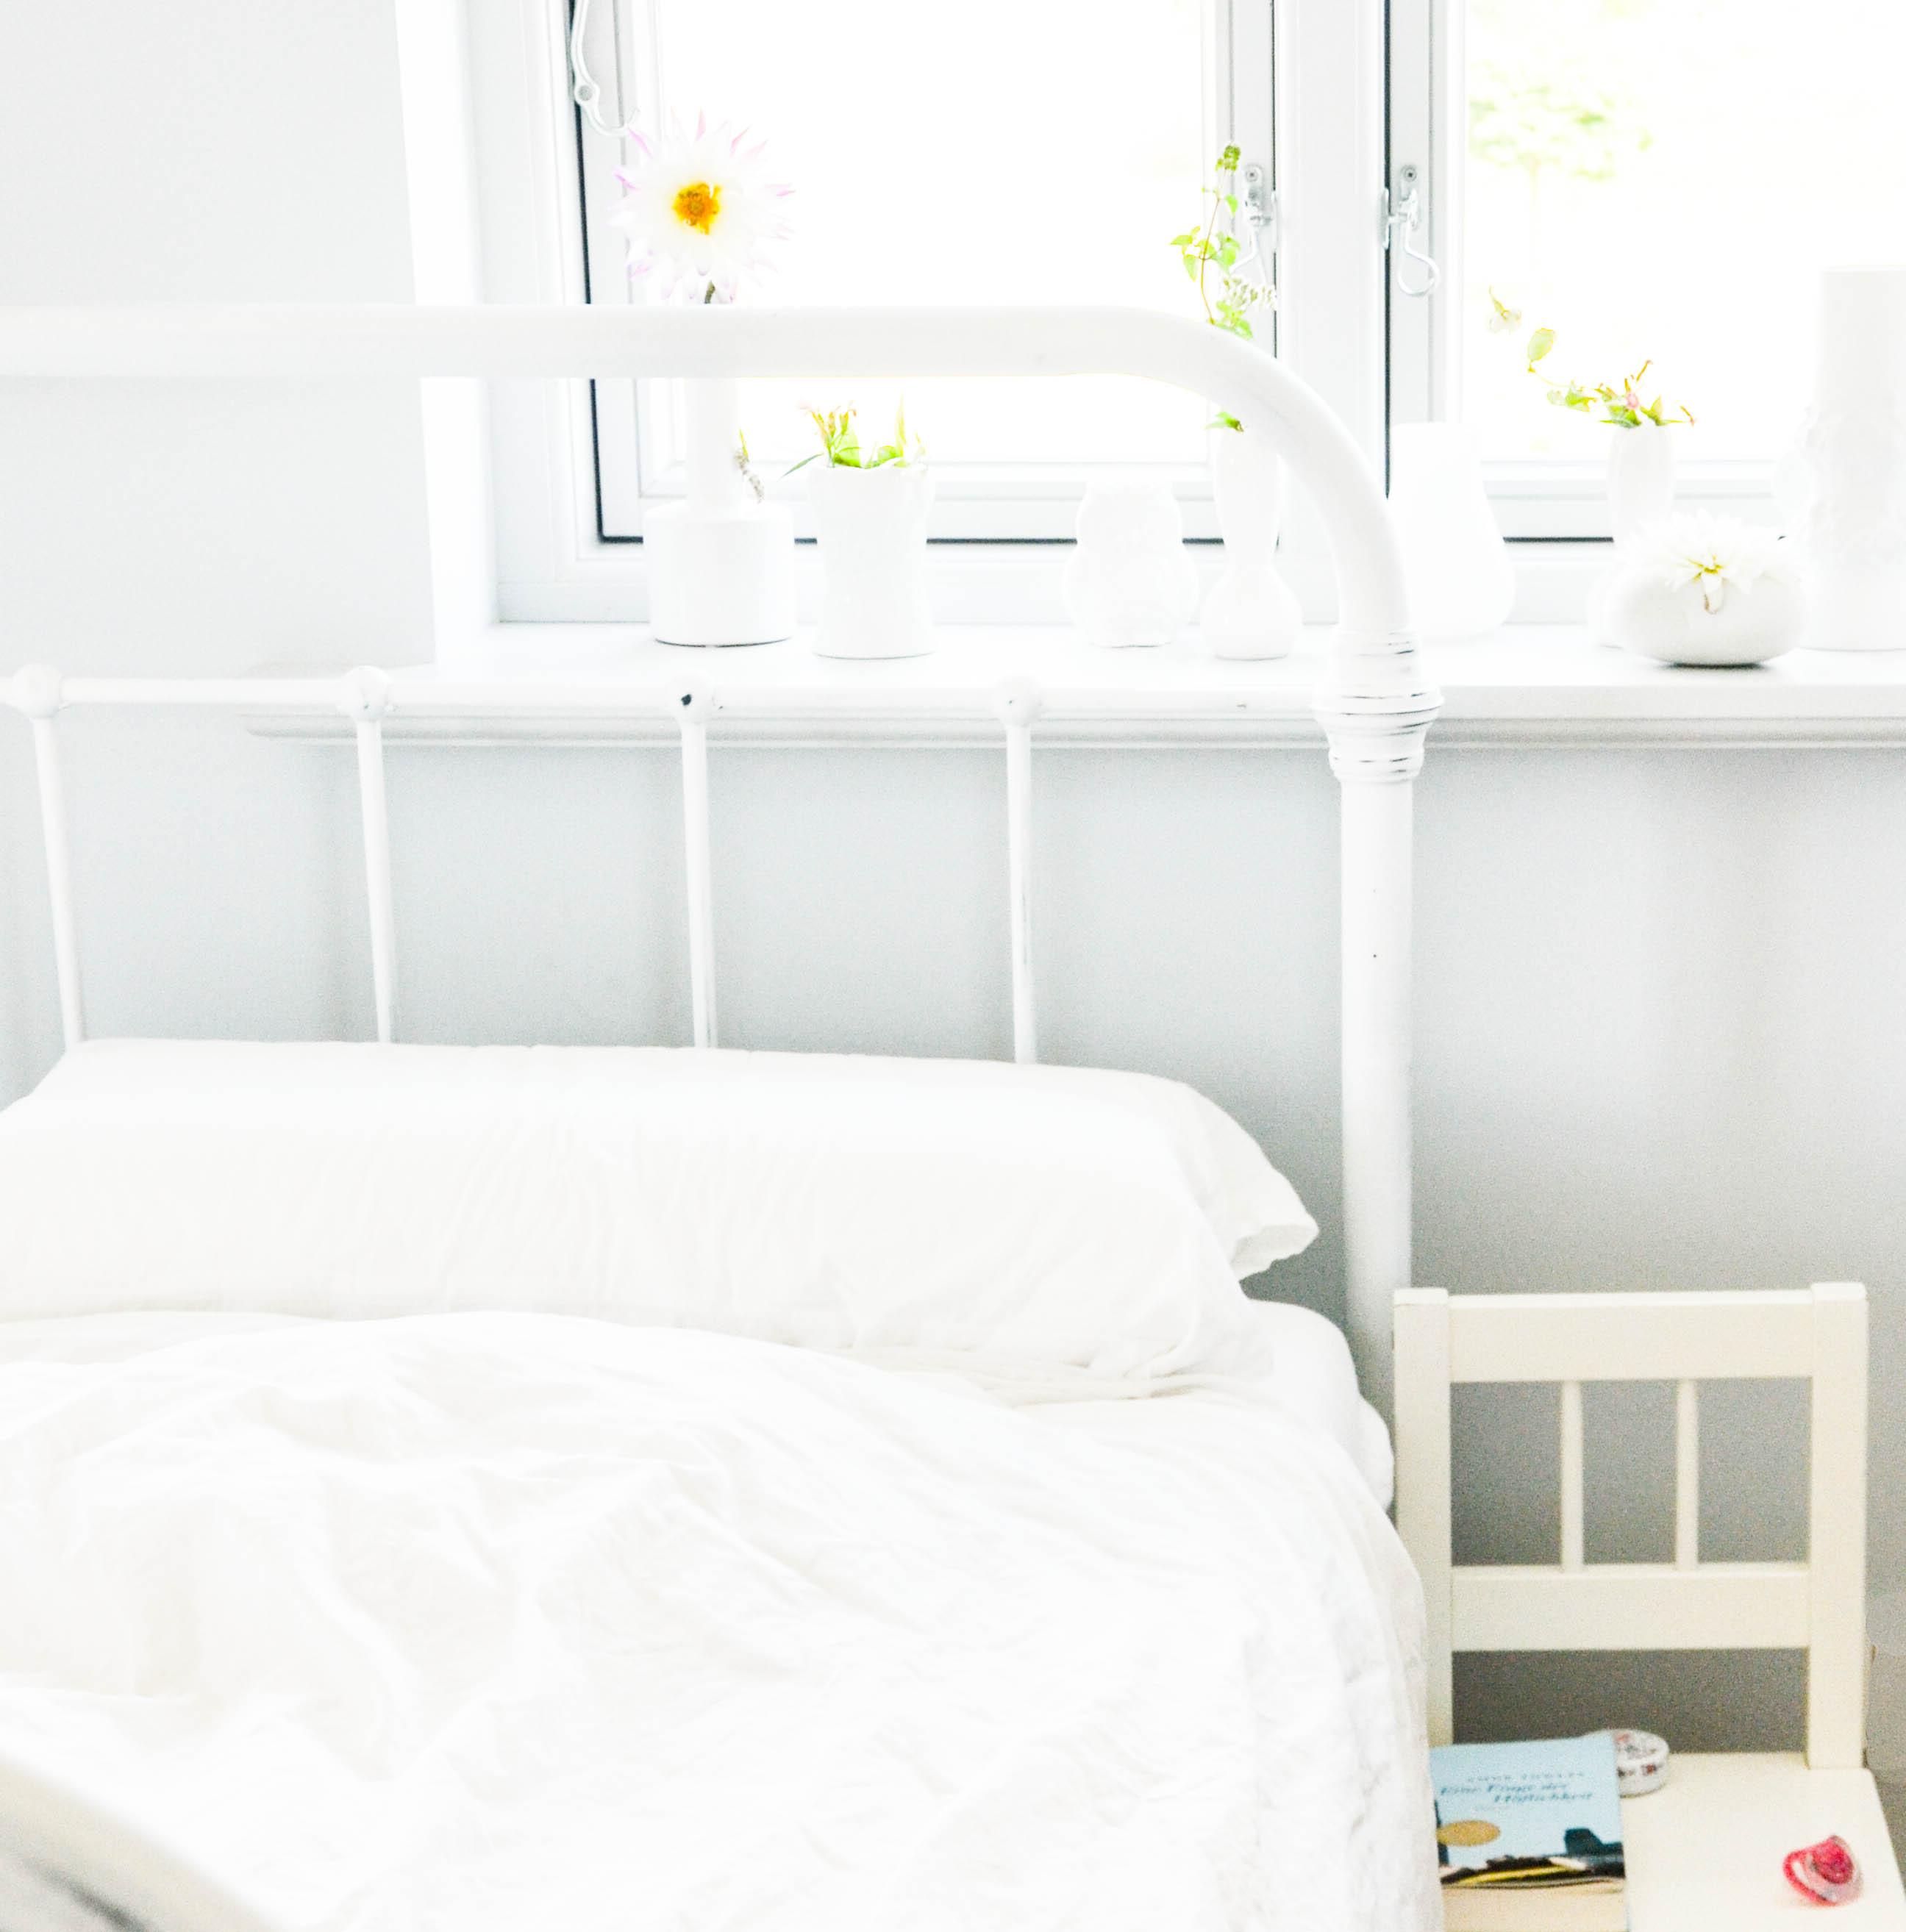 Schlafzimmer, Impressionen, Fjord